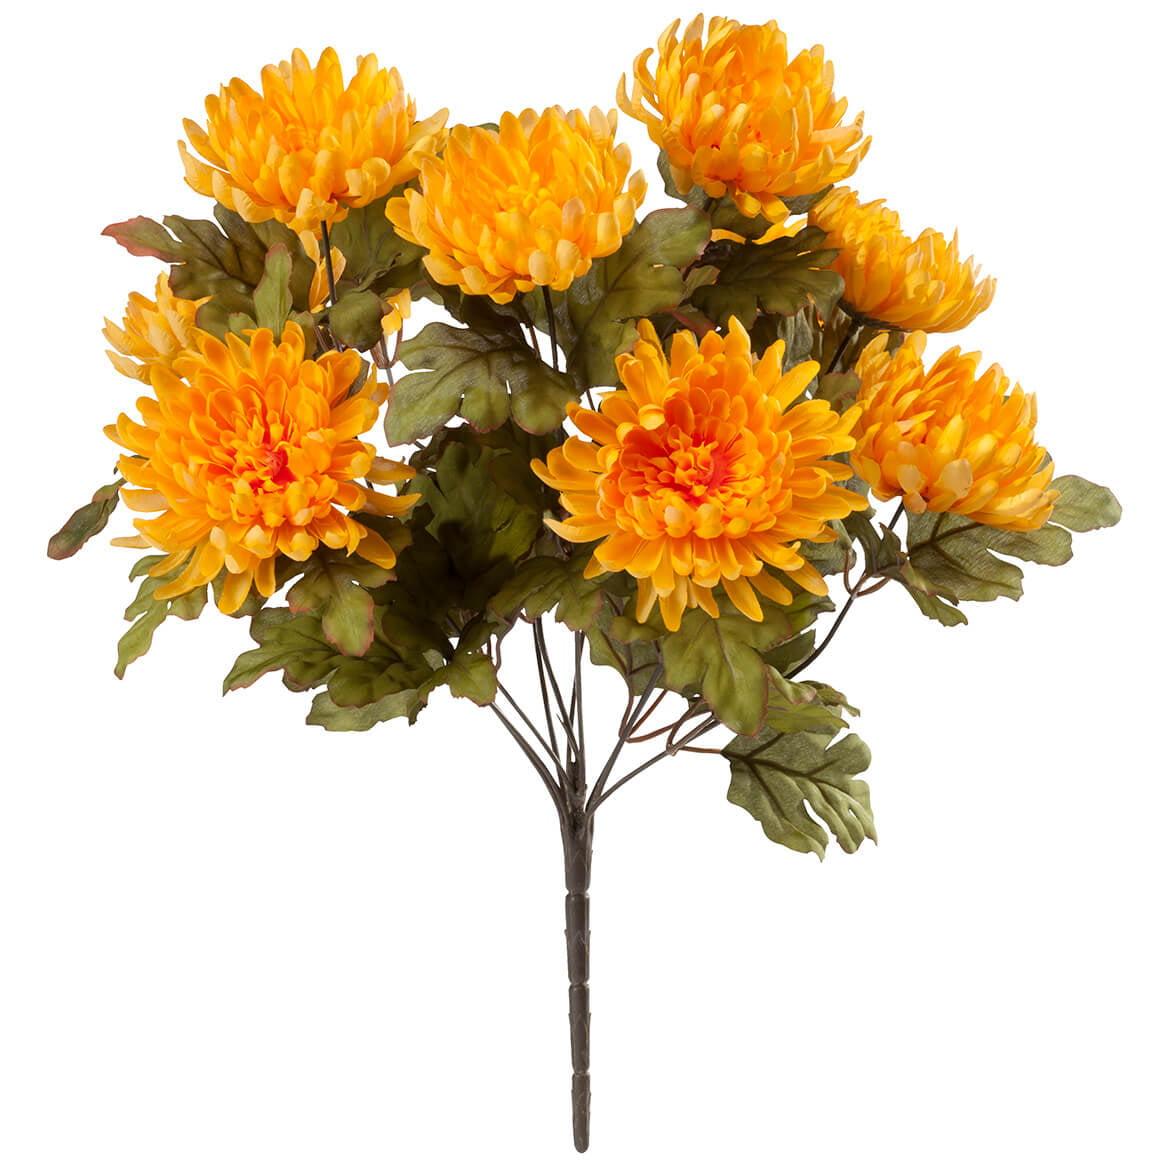 Artificial Mum Bush by OakRidge™ Silk Floral Décor